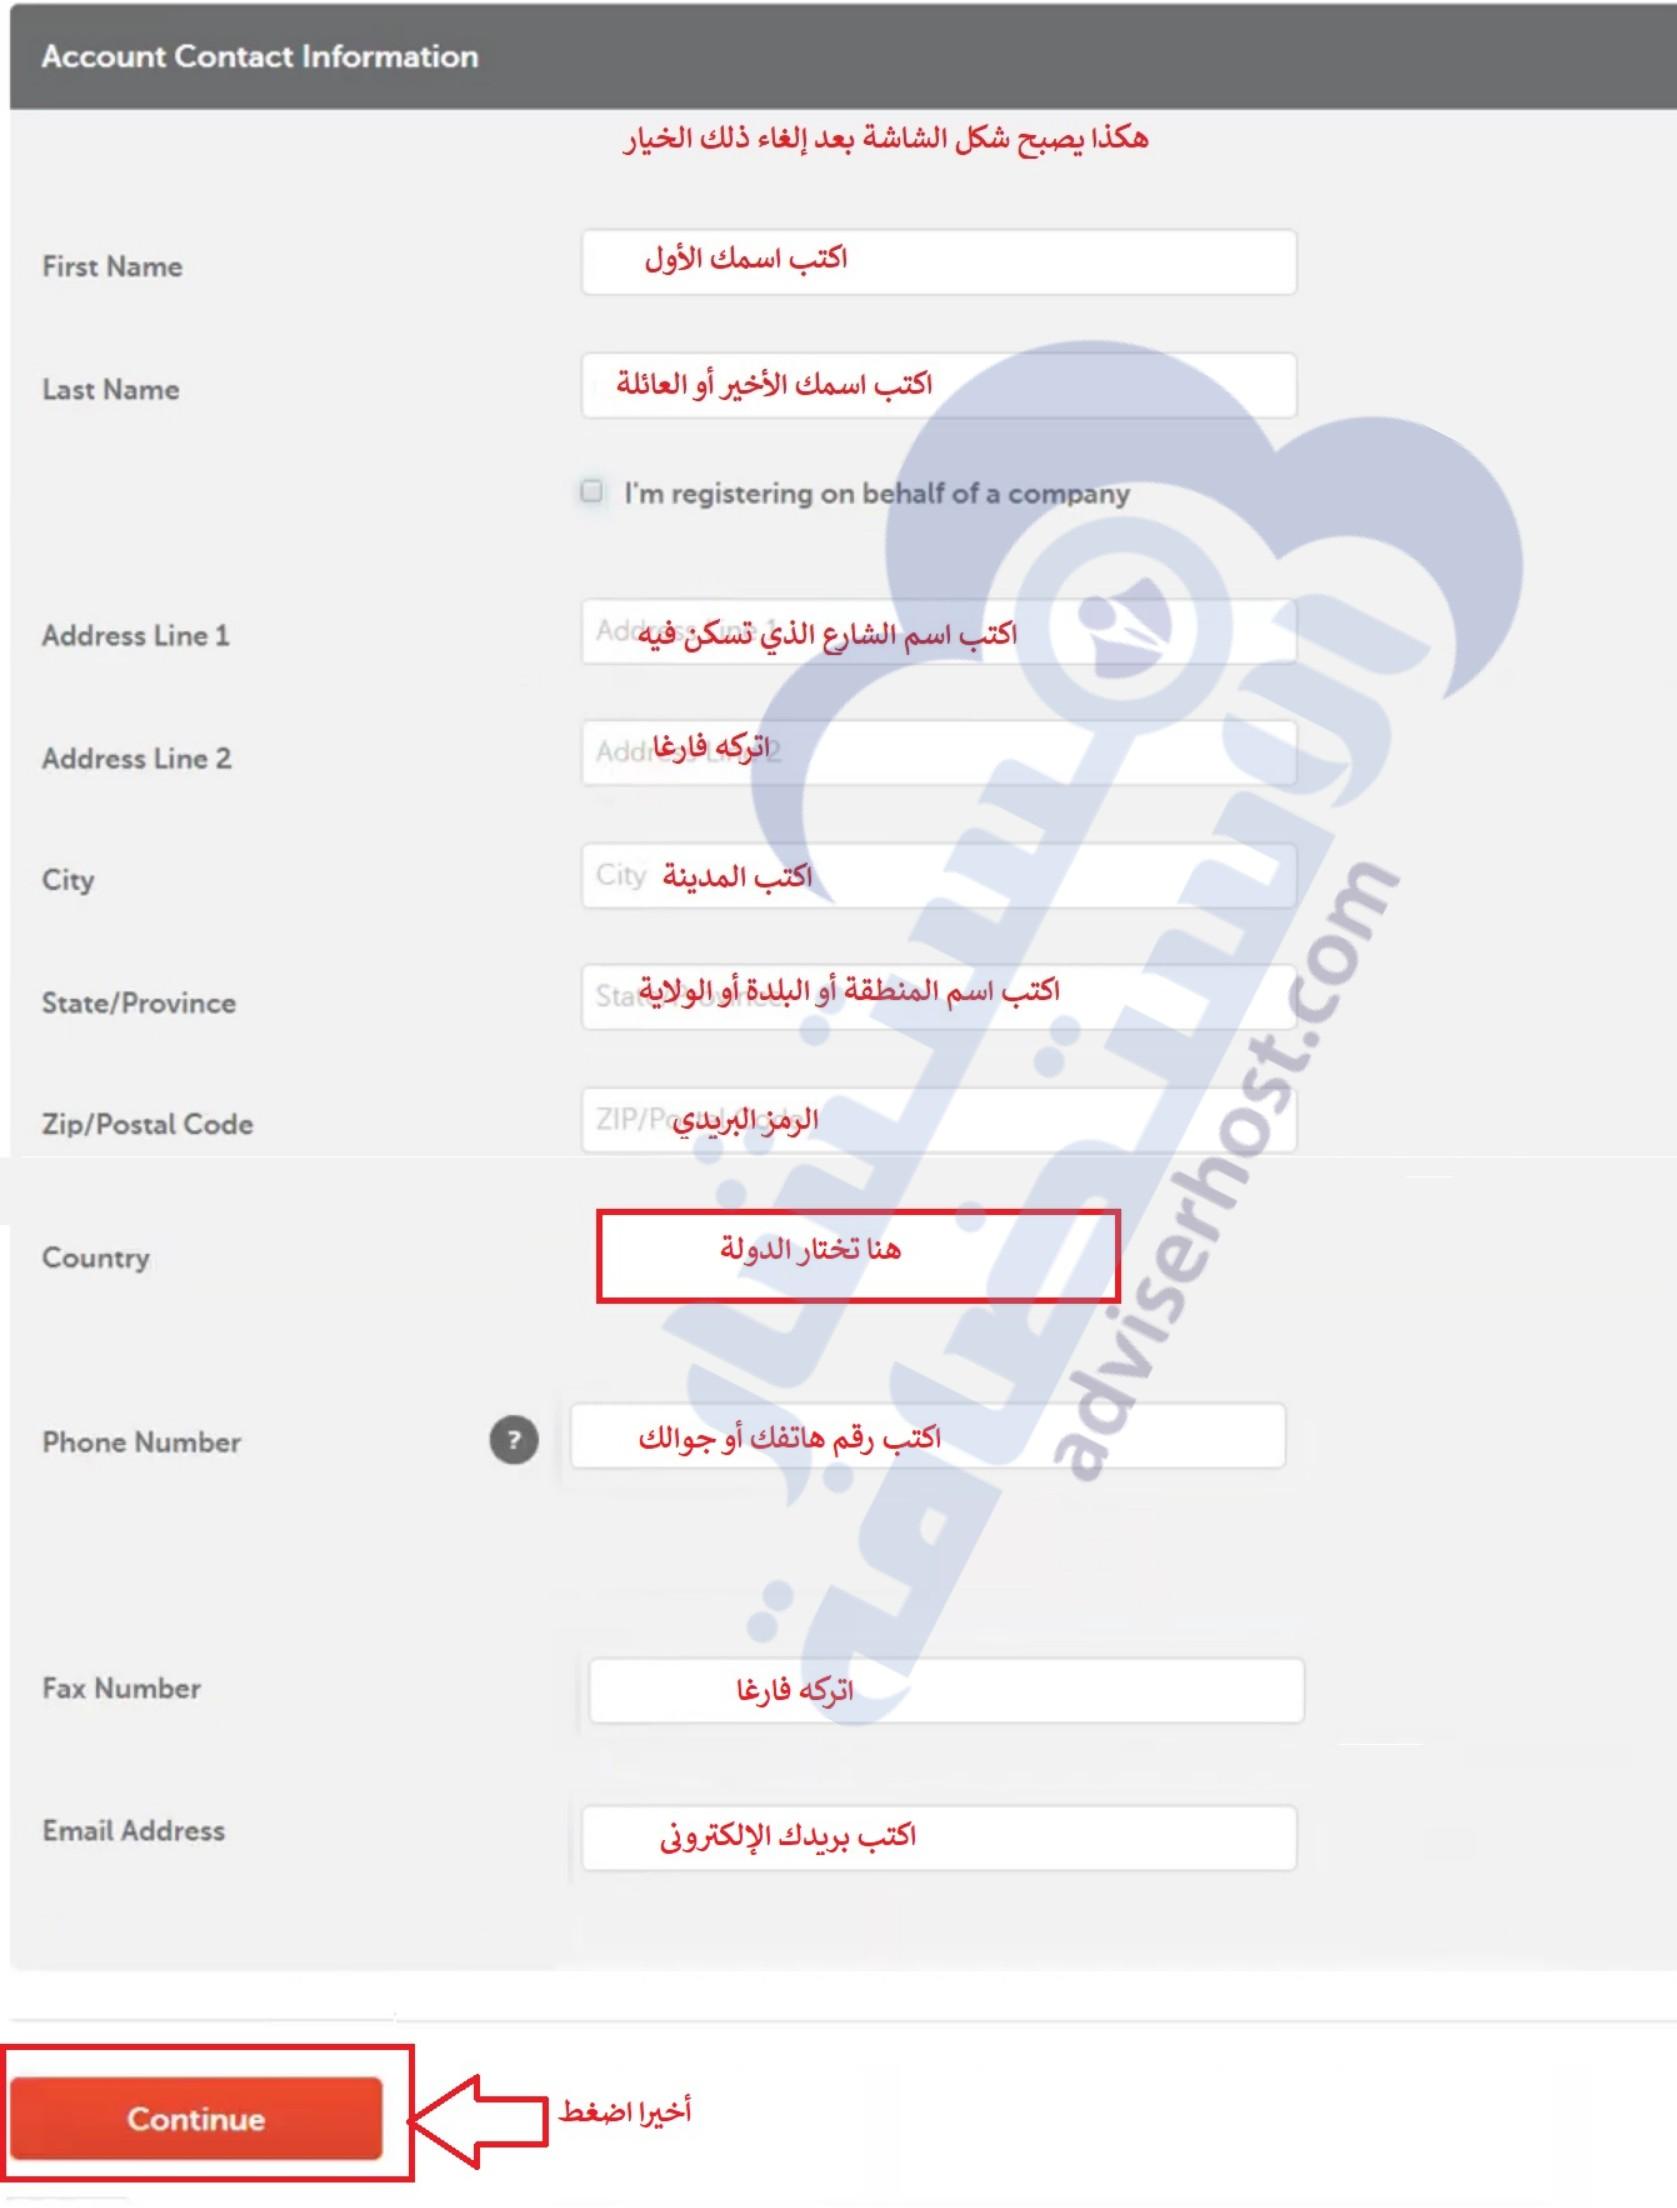 معلوماتك الشخصية لإنشاء حساب في نيم تشيب namecheap